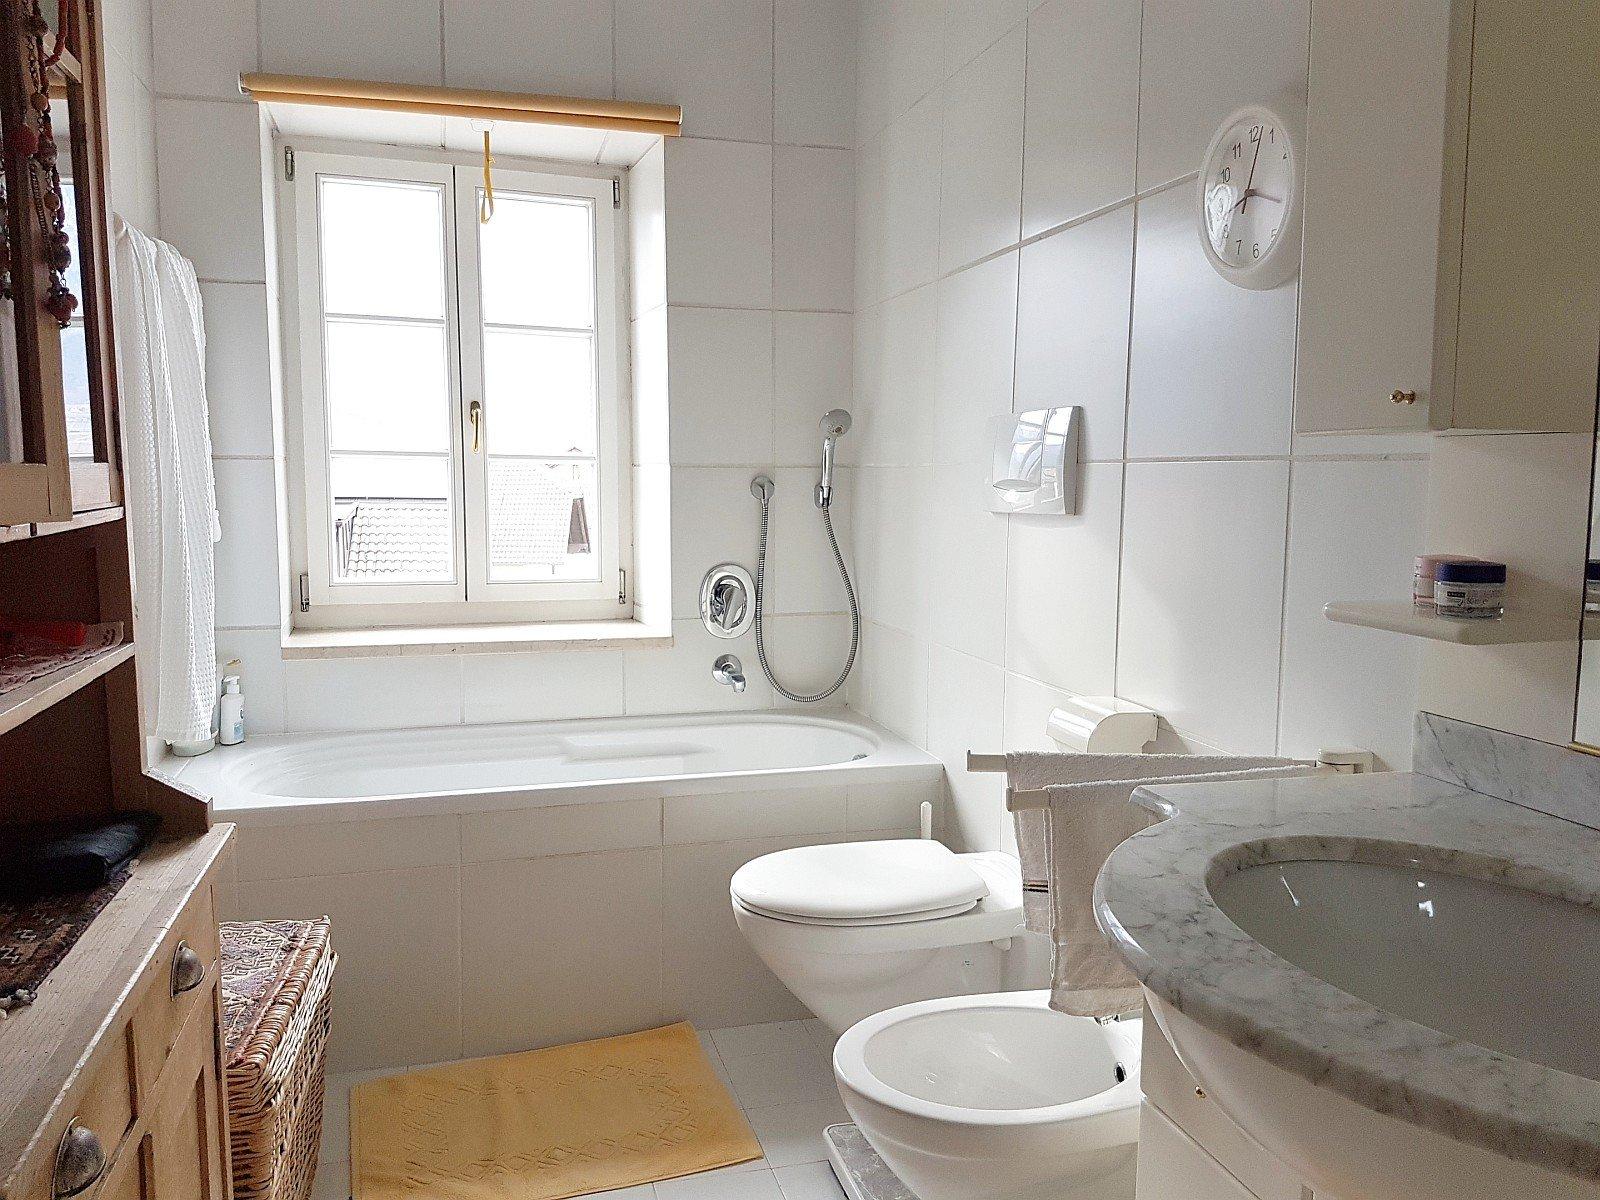 Bad-WC mit Fenster